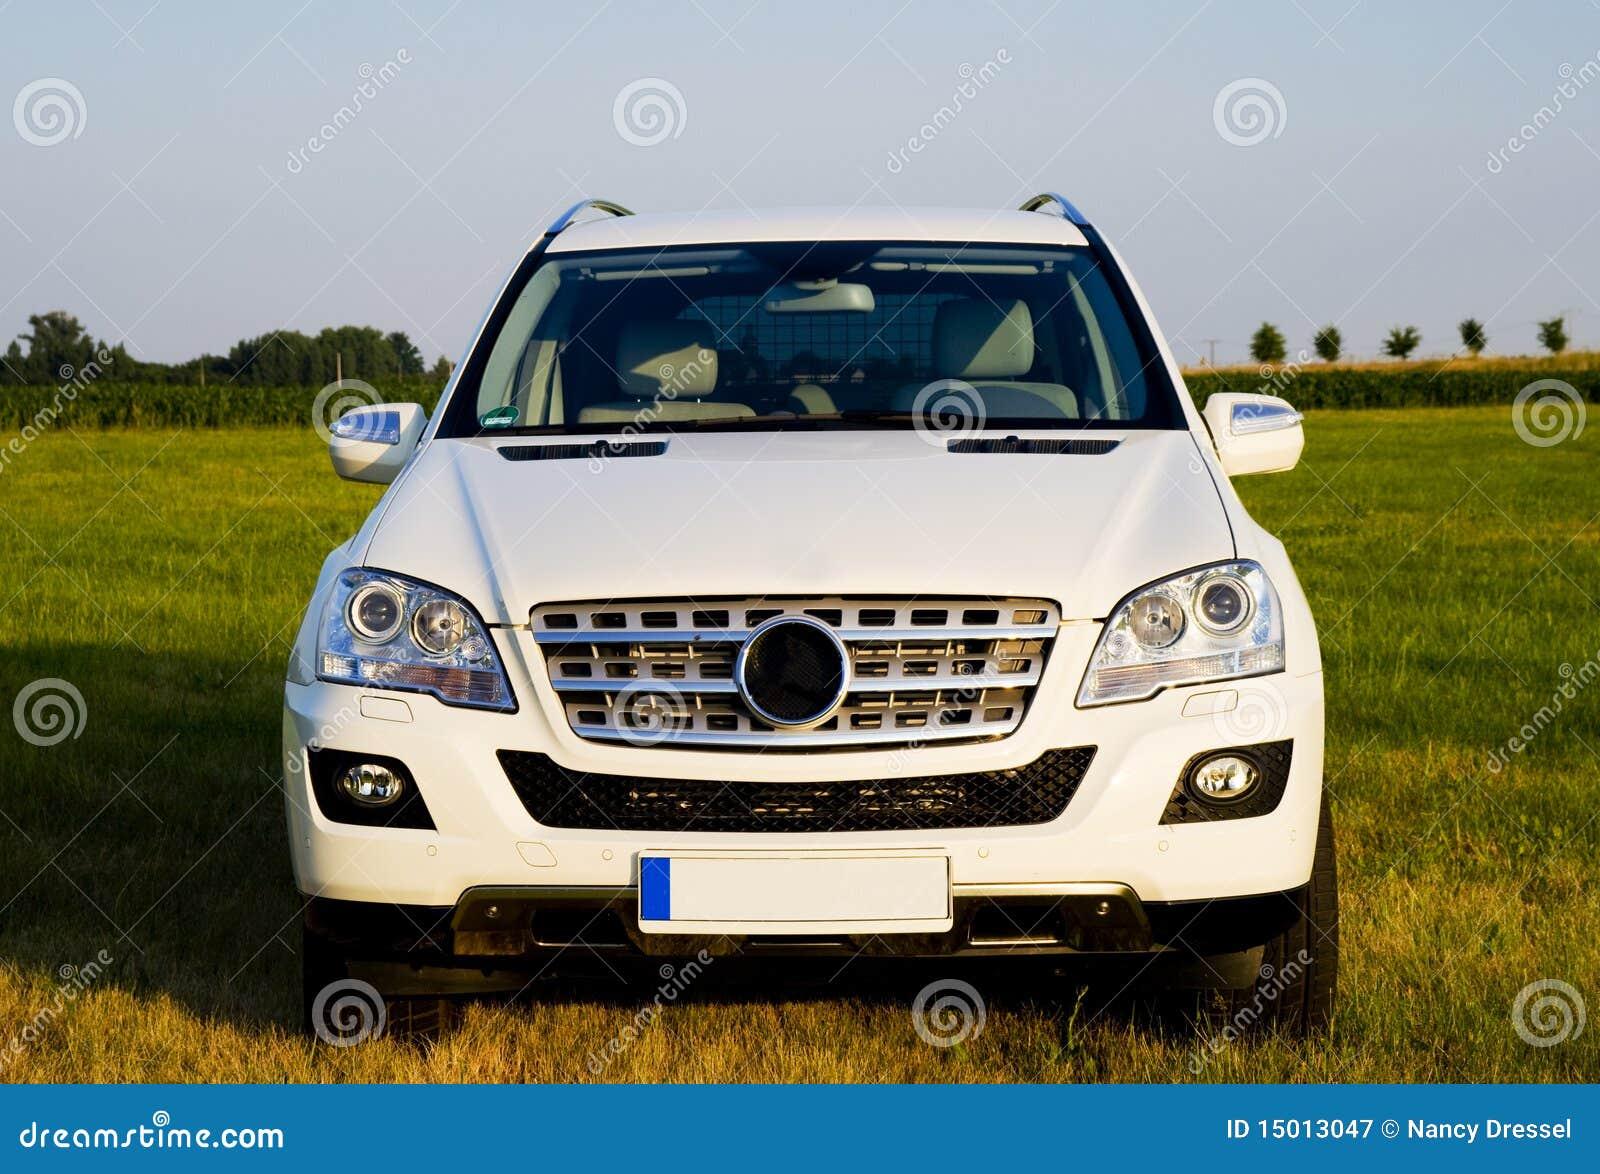 Mercedes ML do frontside